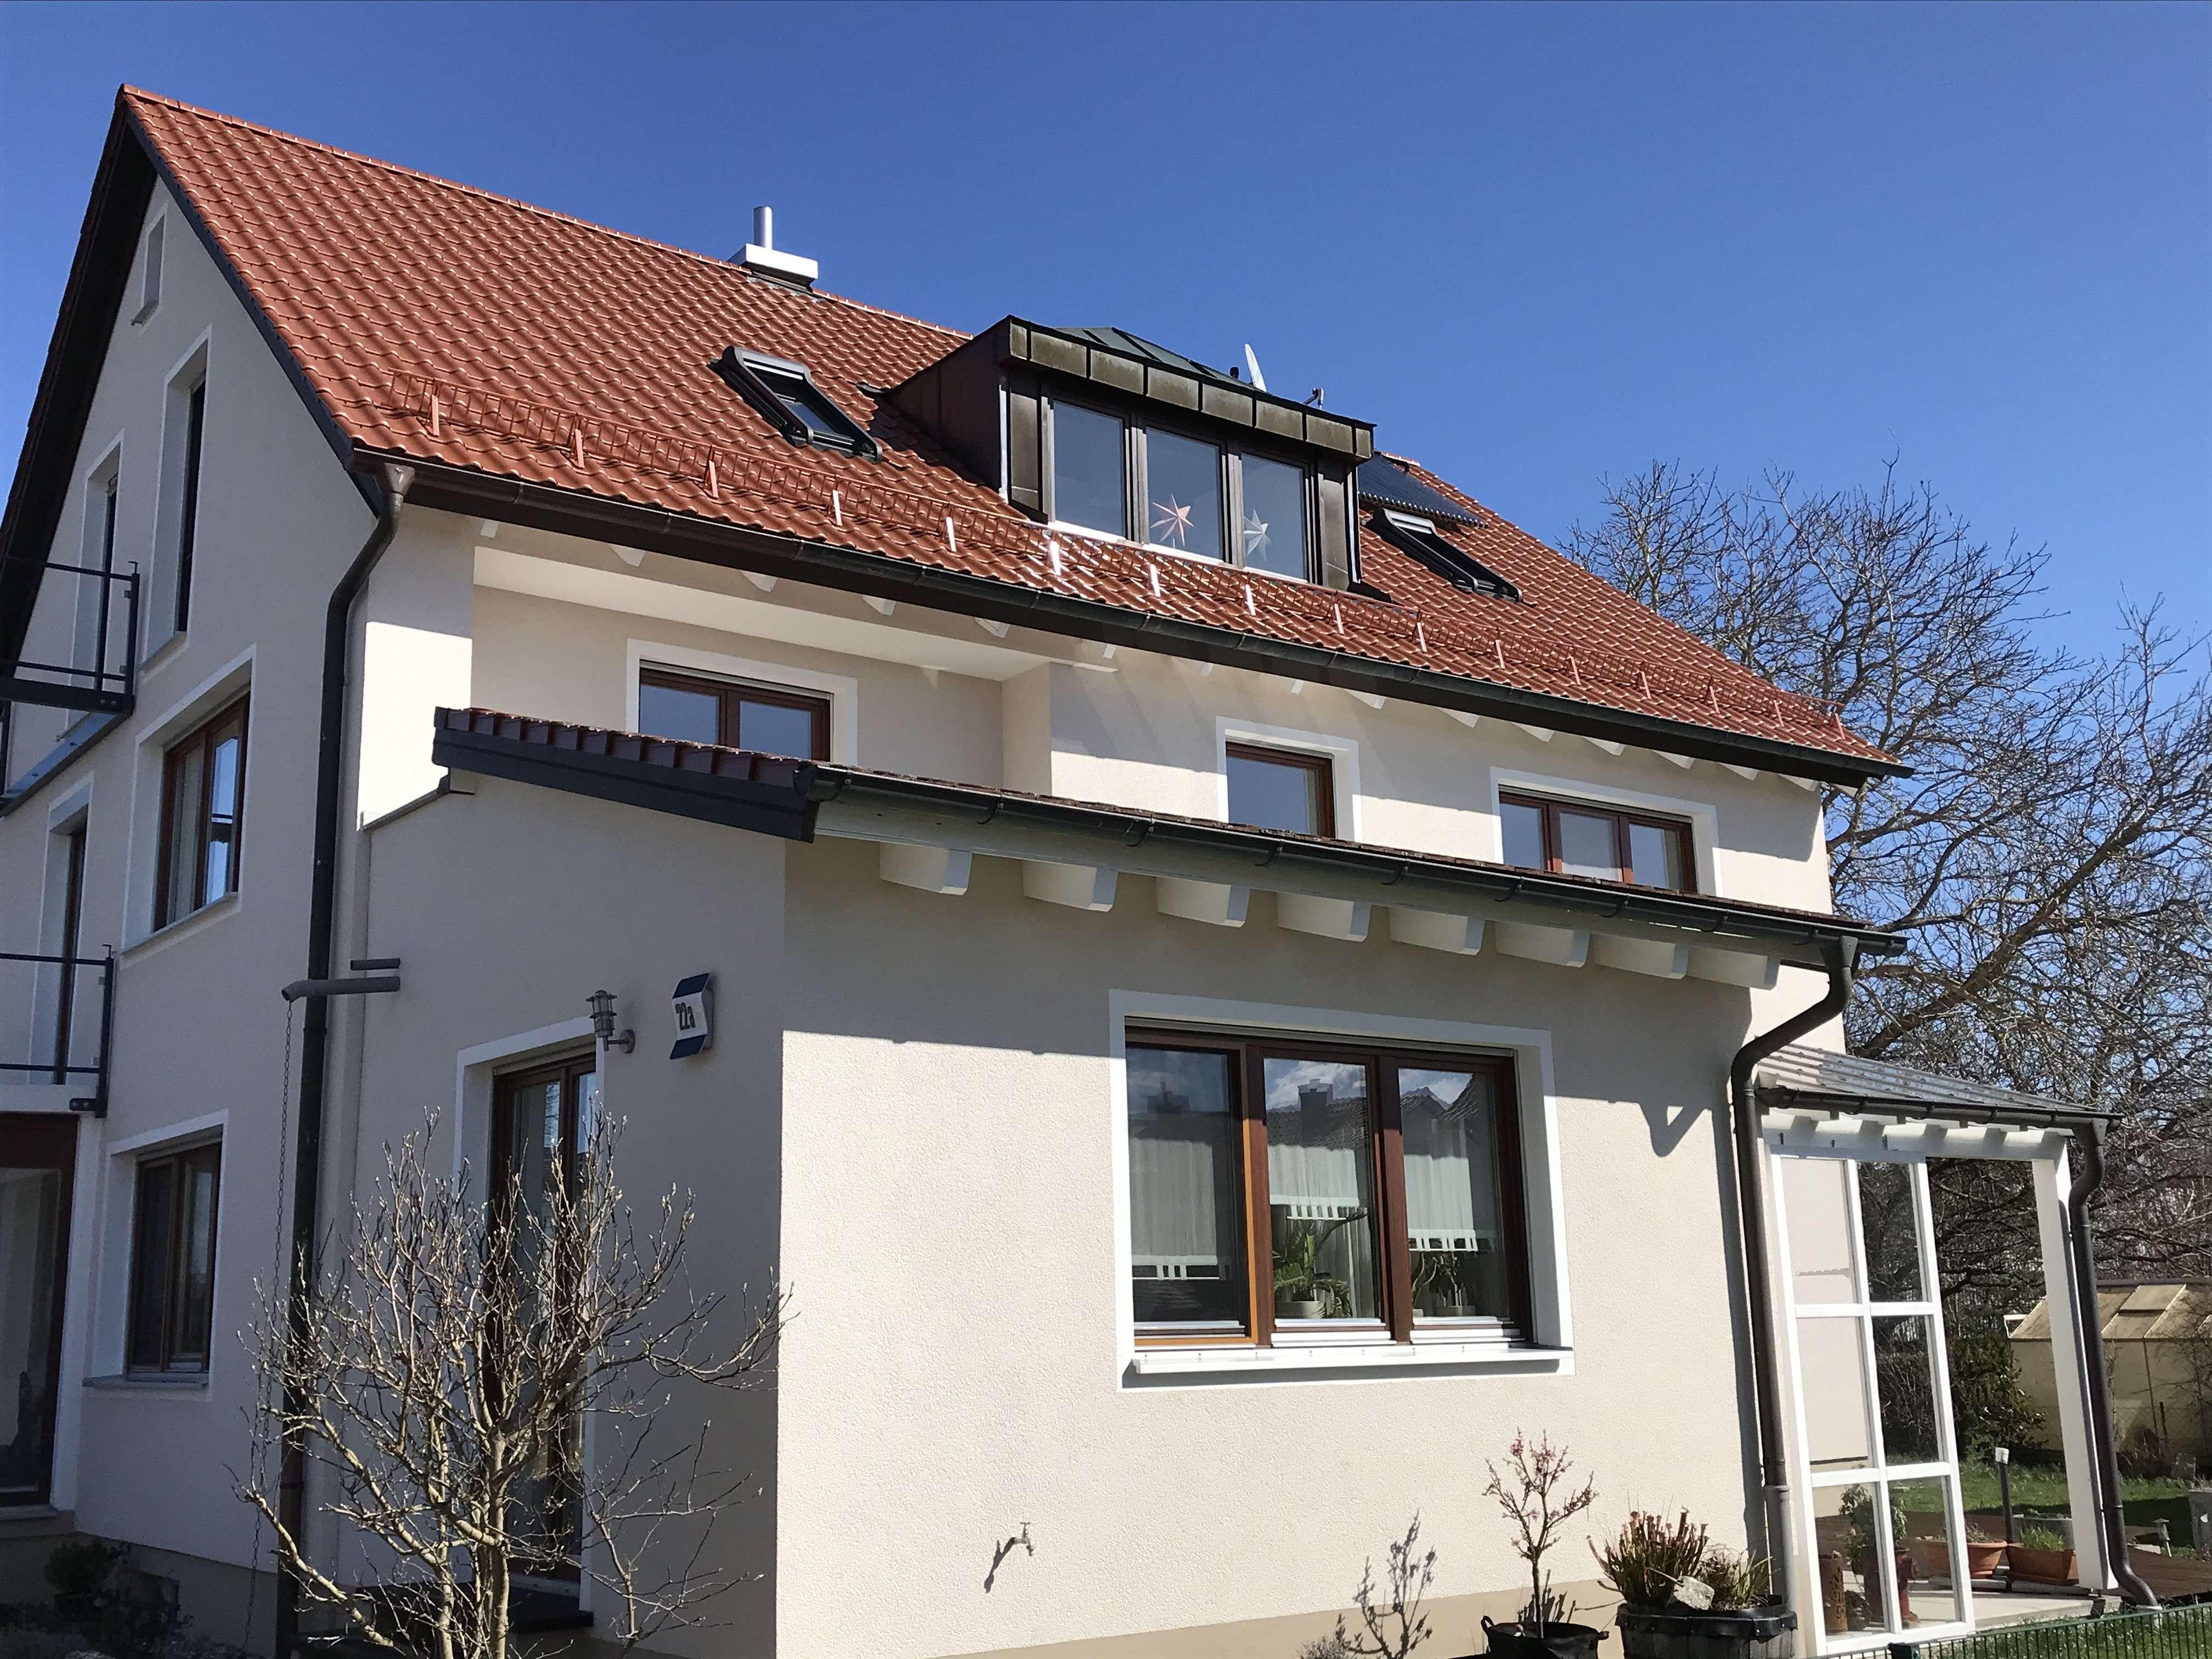 3,5-Zimmer-Dachgeschoss-Wohnung mit Balkonen in Schrobenhausen zu vermieten! in